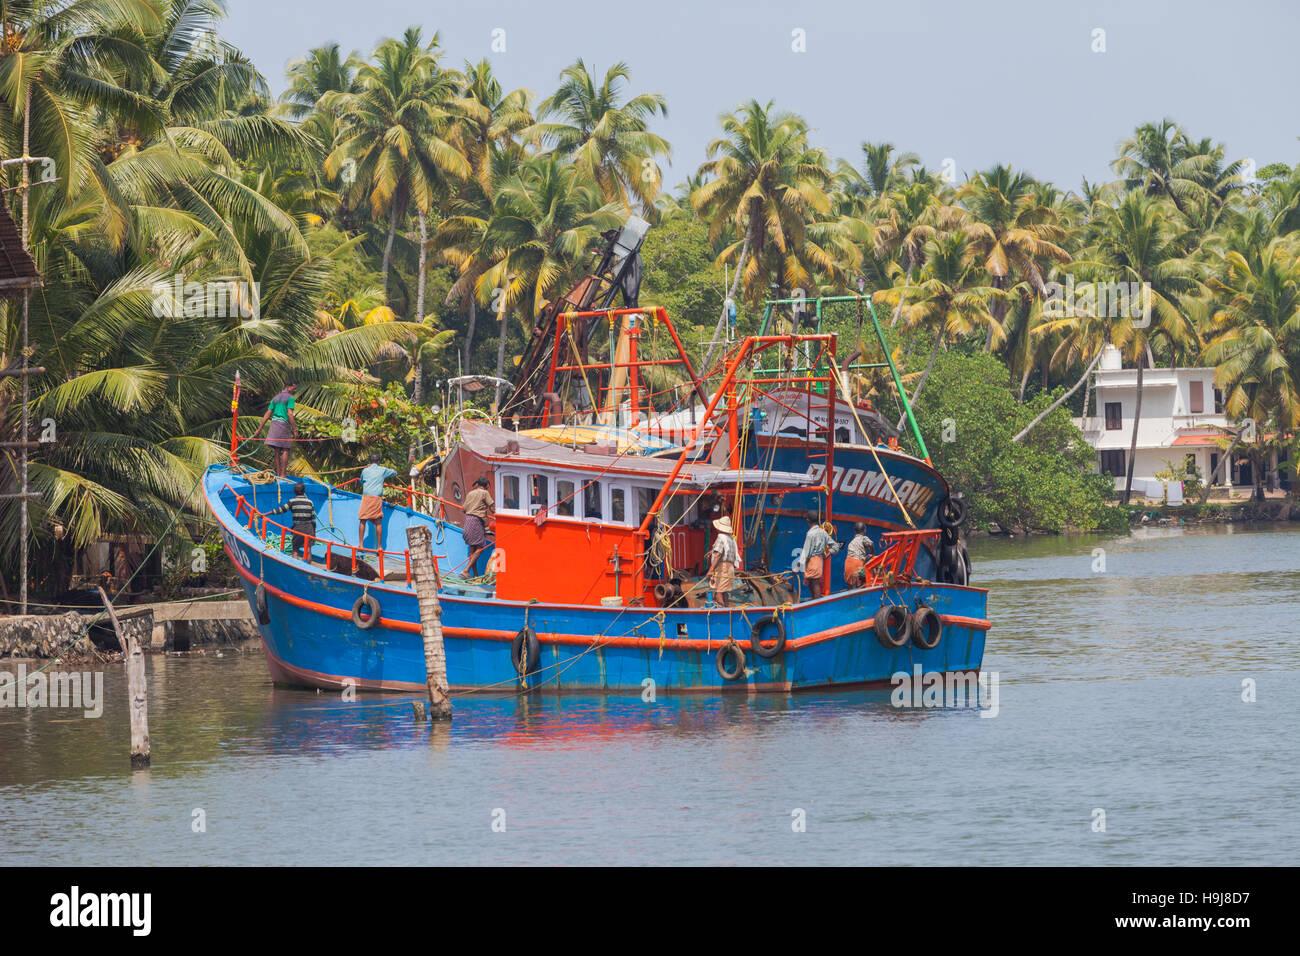 Coloratissime barche di pescatori in Kerala, vicino a Cochin, India Immagini Stock